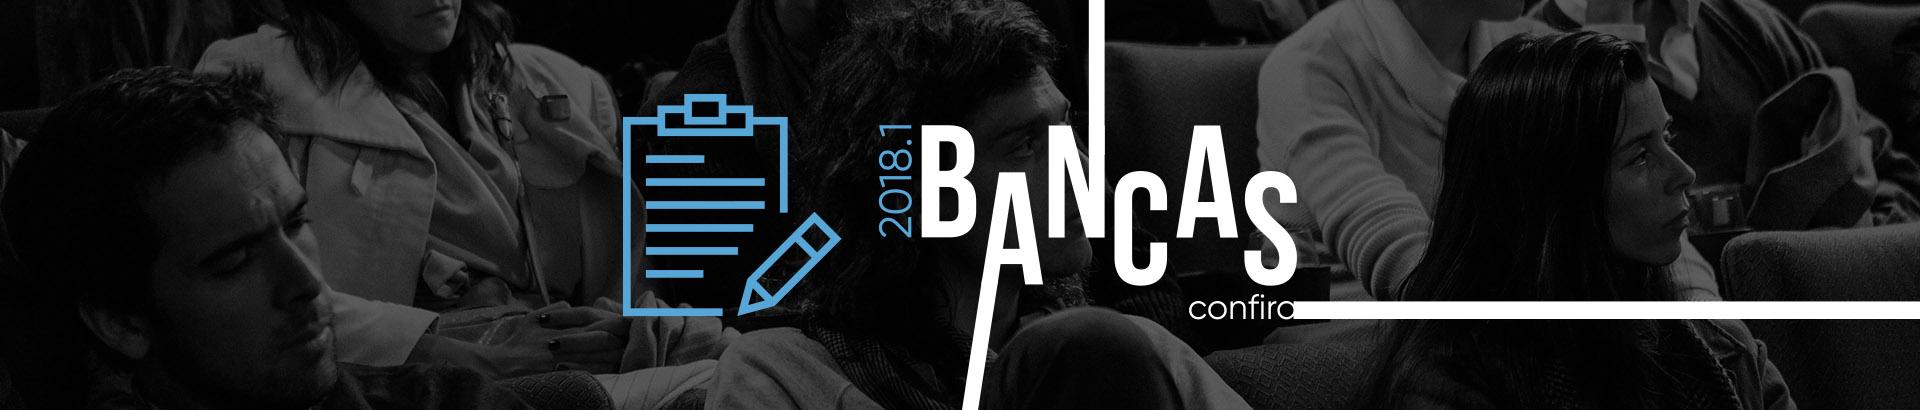 banner-bancas-home